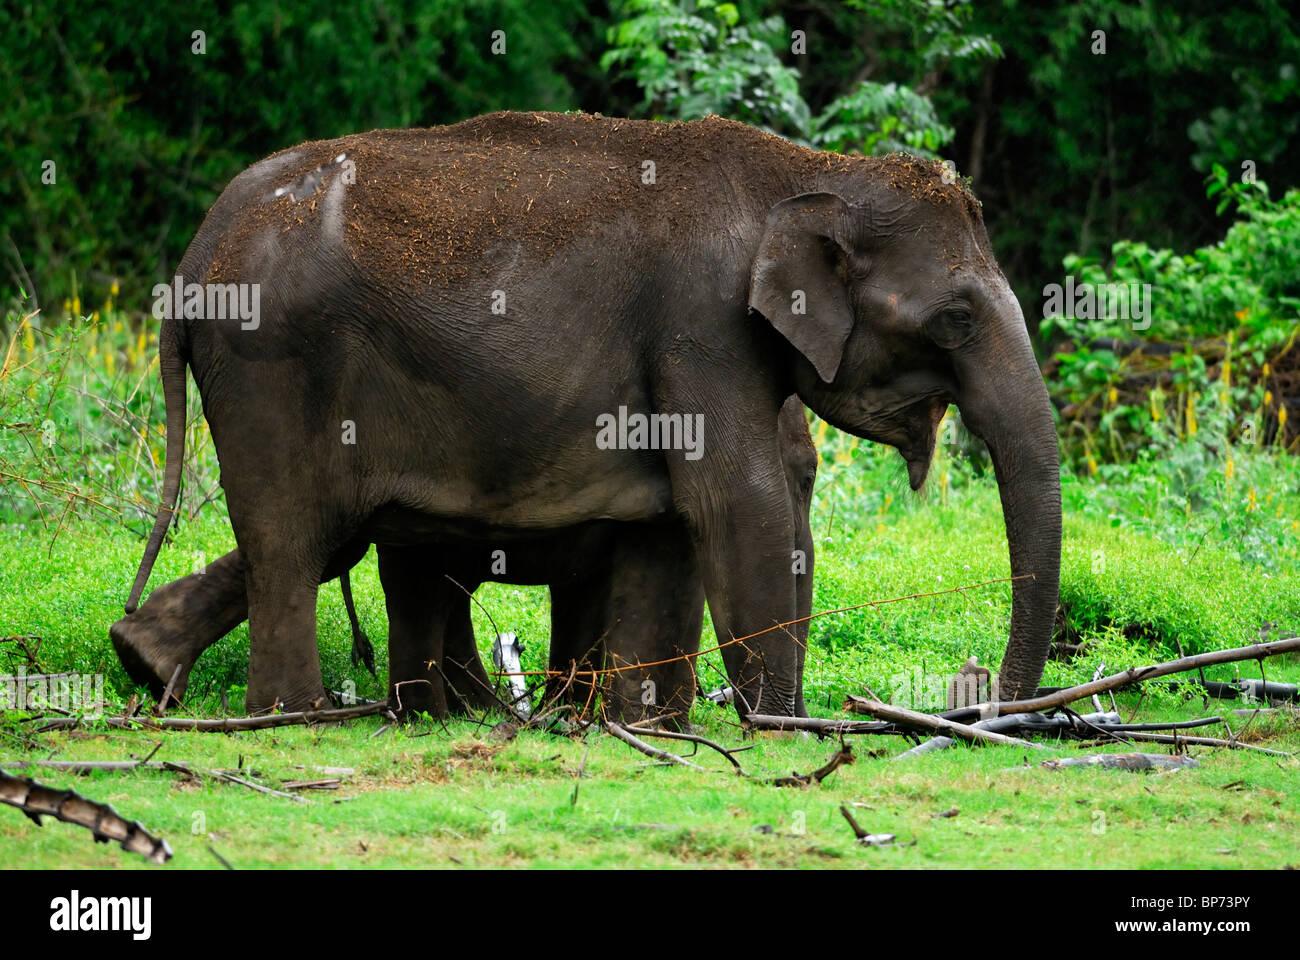 Éléphant d'Asie (Elephas maximus) Mère et son petit. Guatemala City, le Parc National de Nagarhole, Inde. Banque D'Images